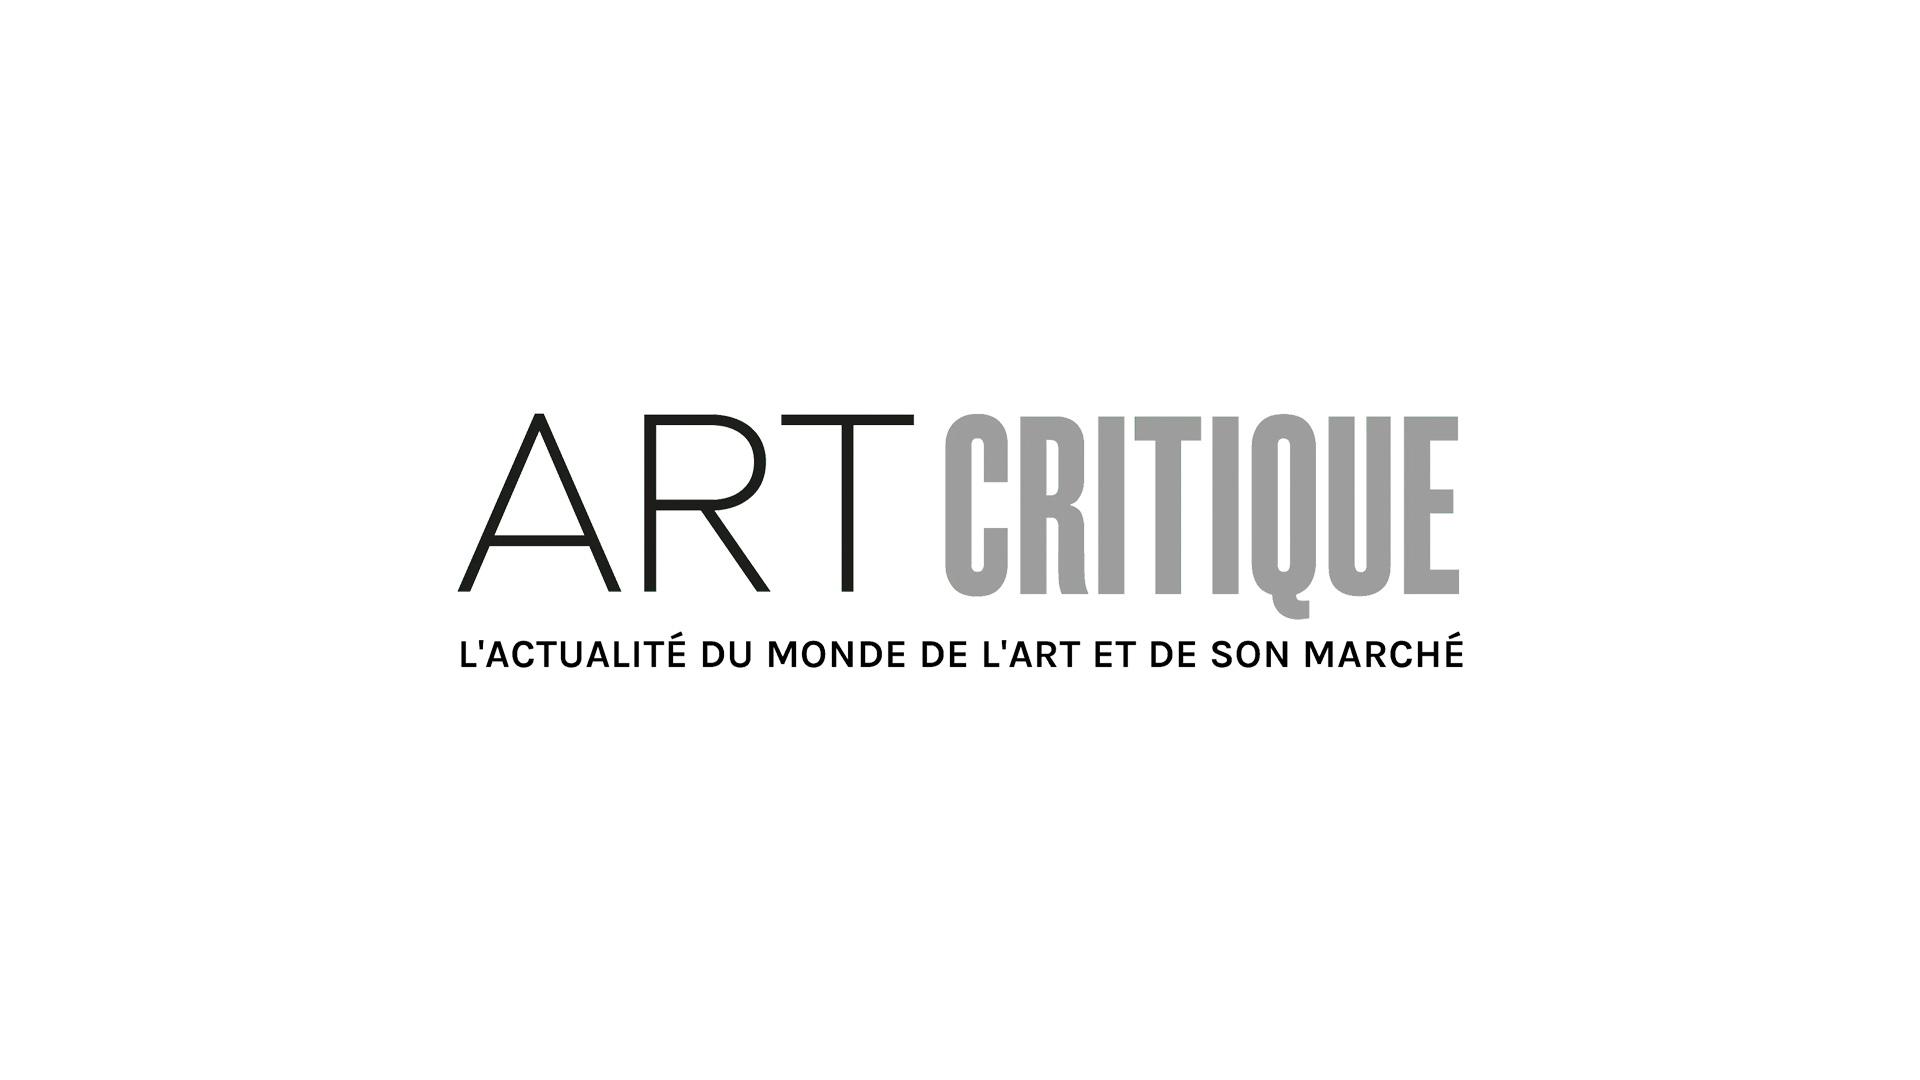 Cent dessins d'Yves Saint Laurent mis en vente